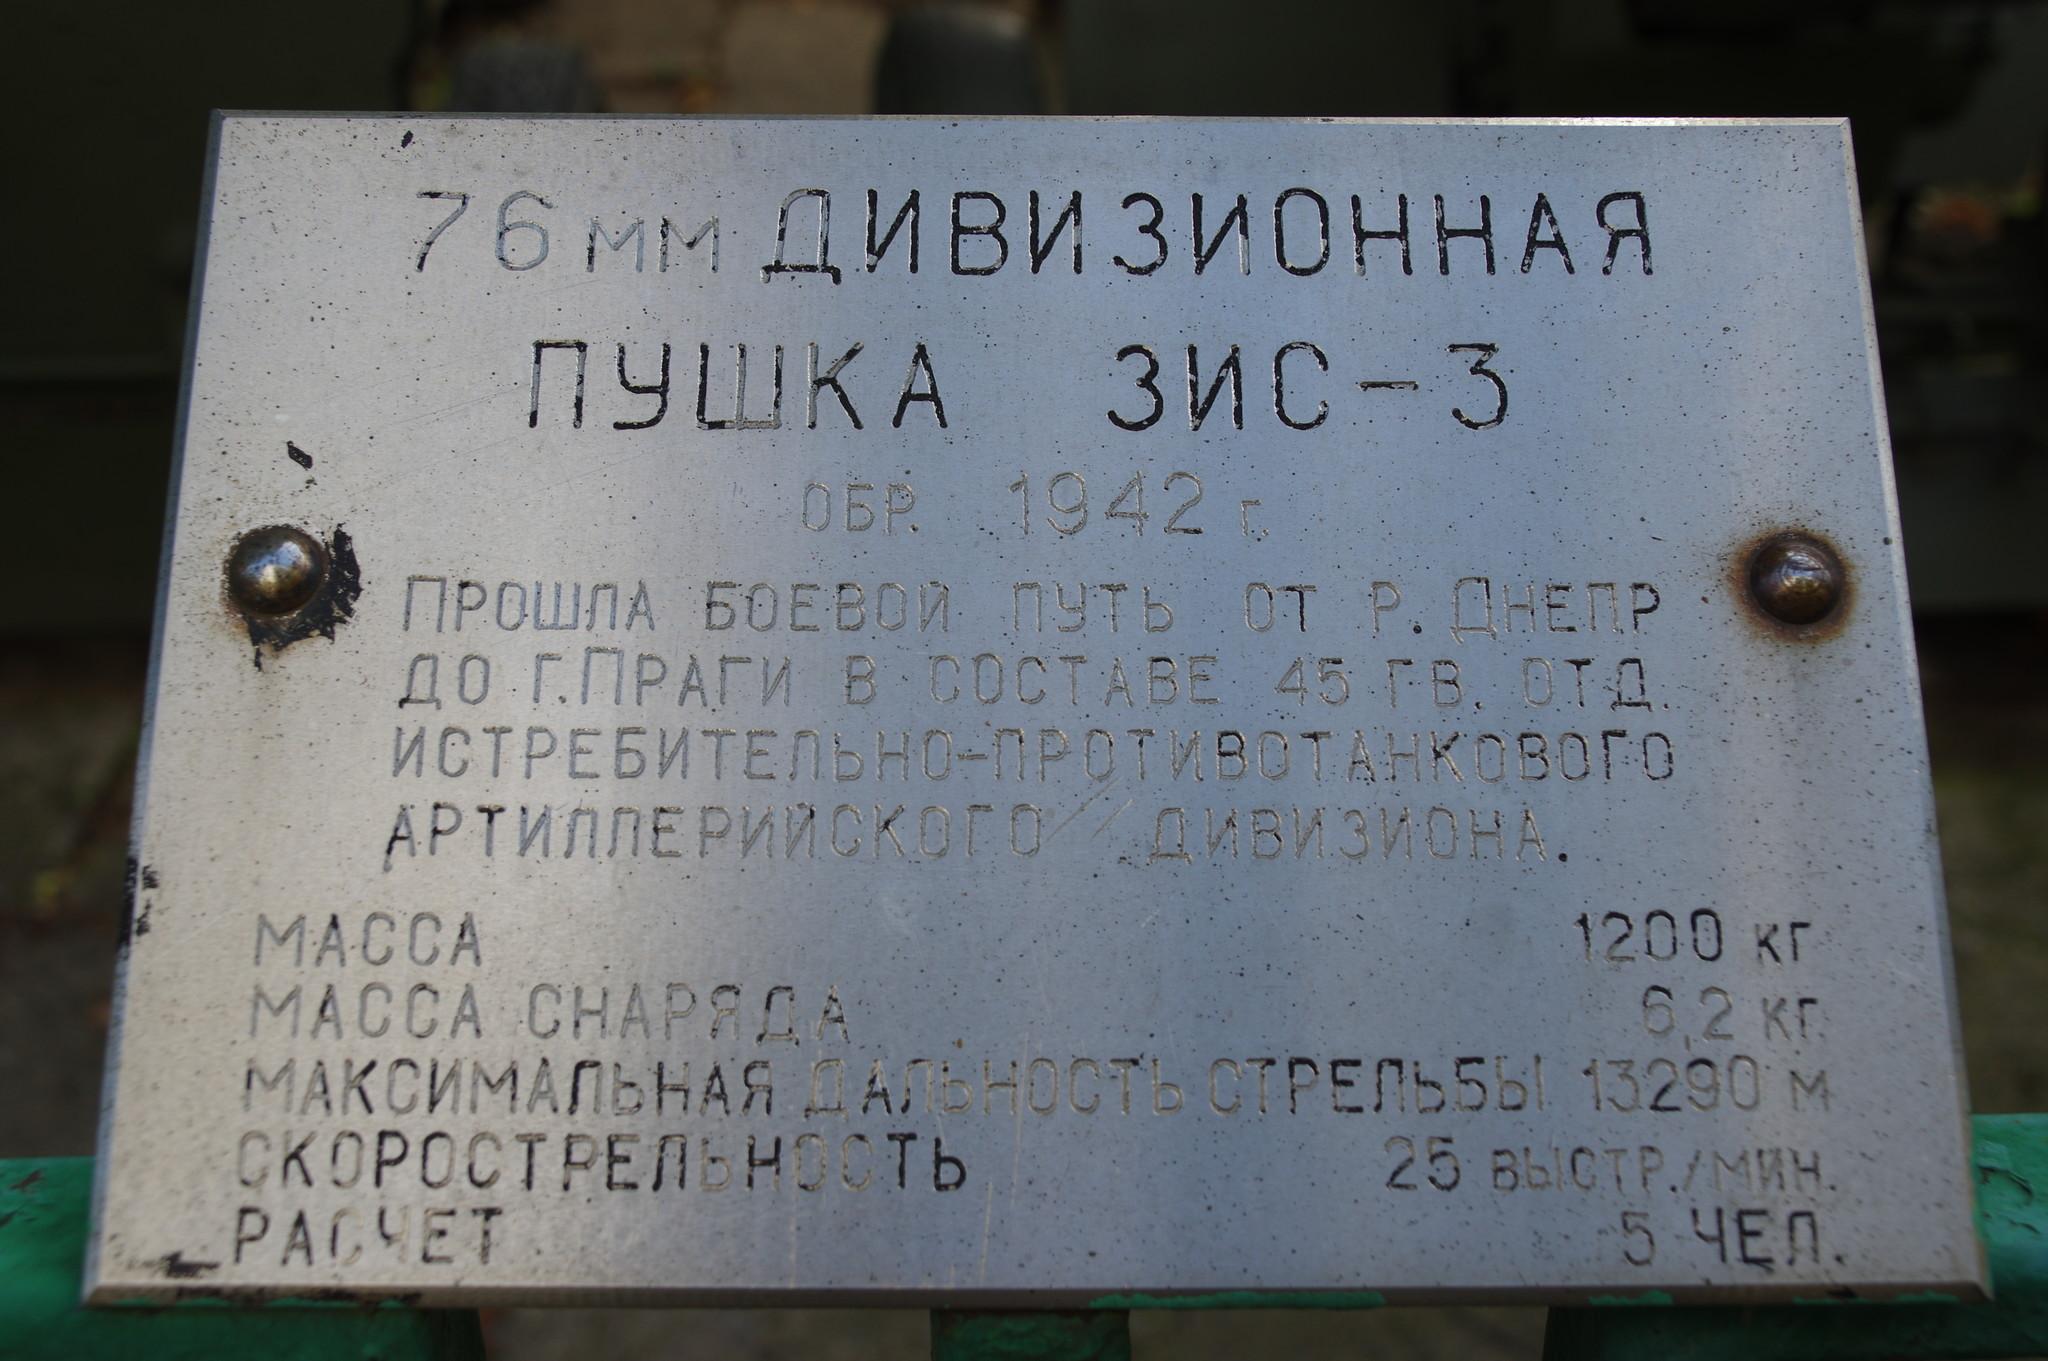 76-мм дивизионная пушка образца 1942 года (ЗИС-3) в экспозиции Центрального музея Вооружённых сил Российской Федерации